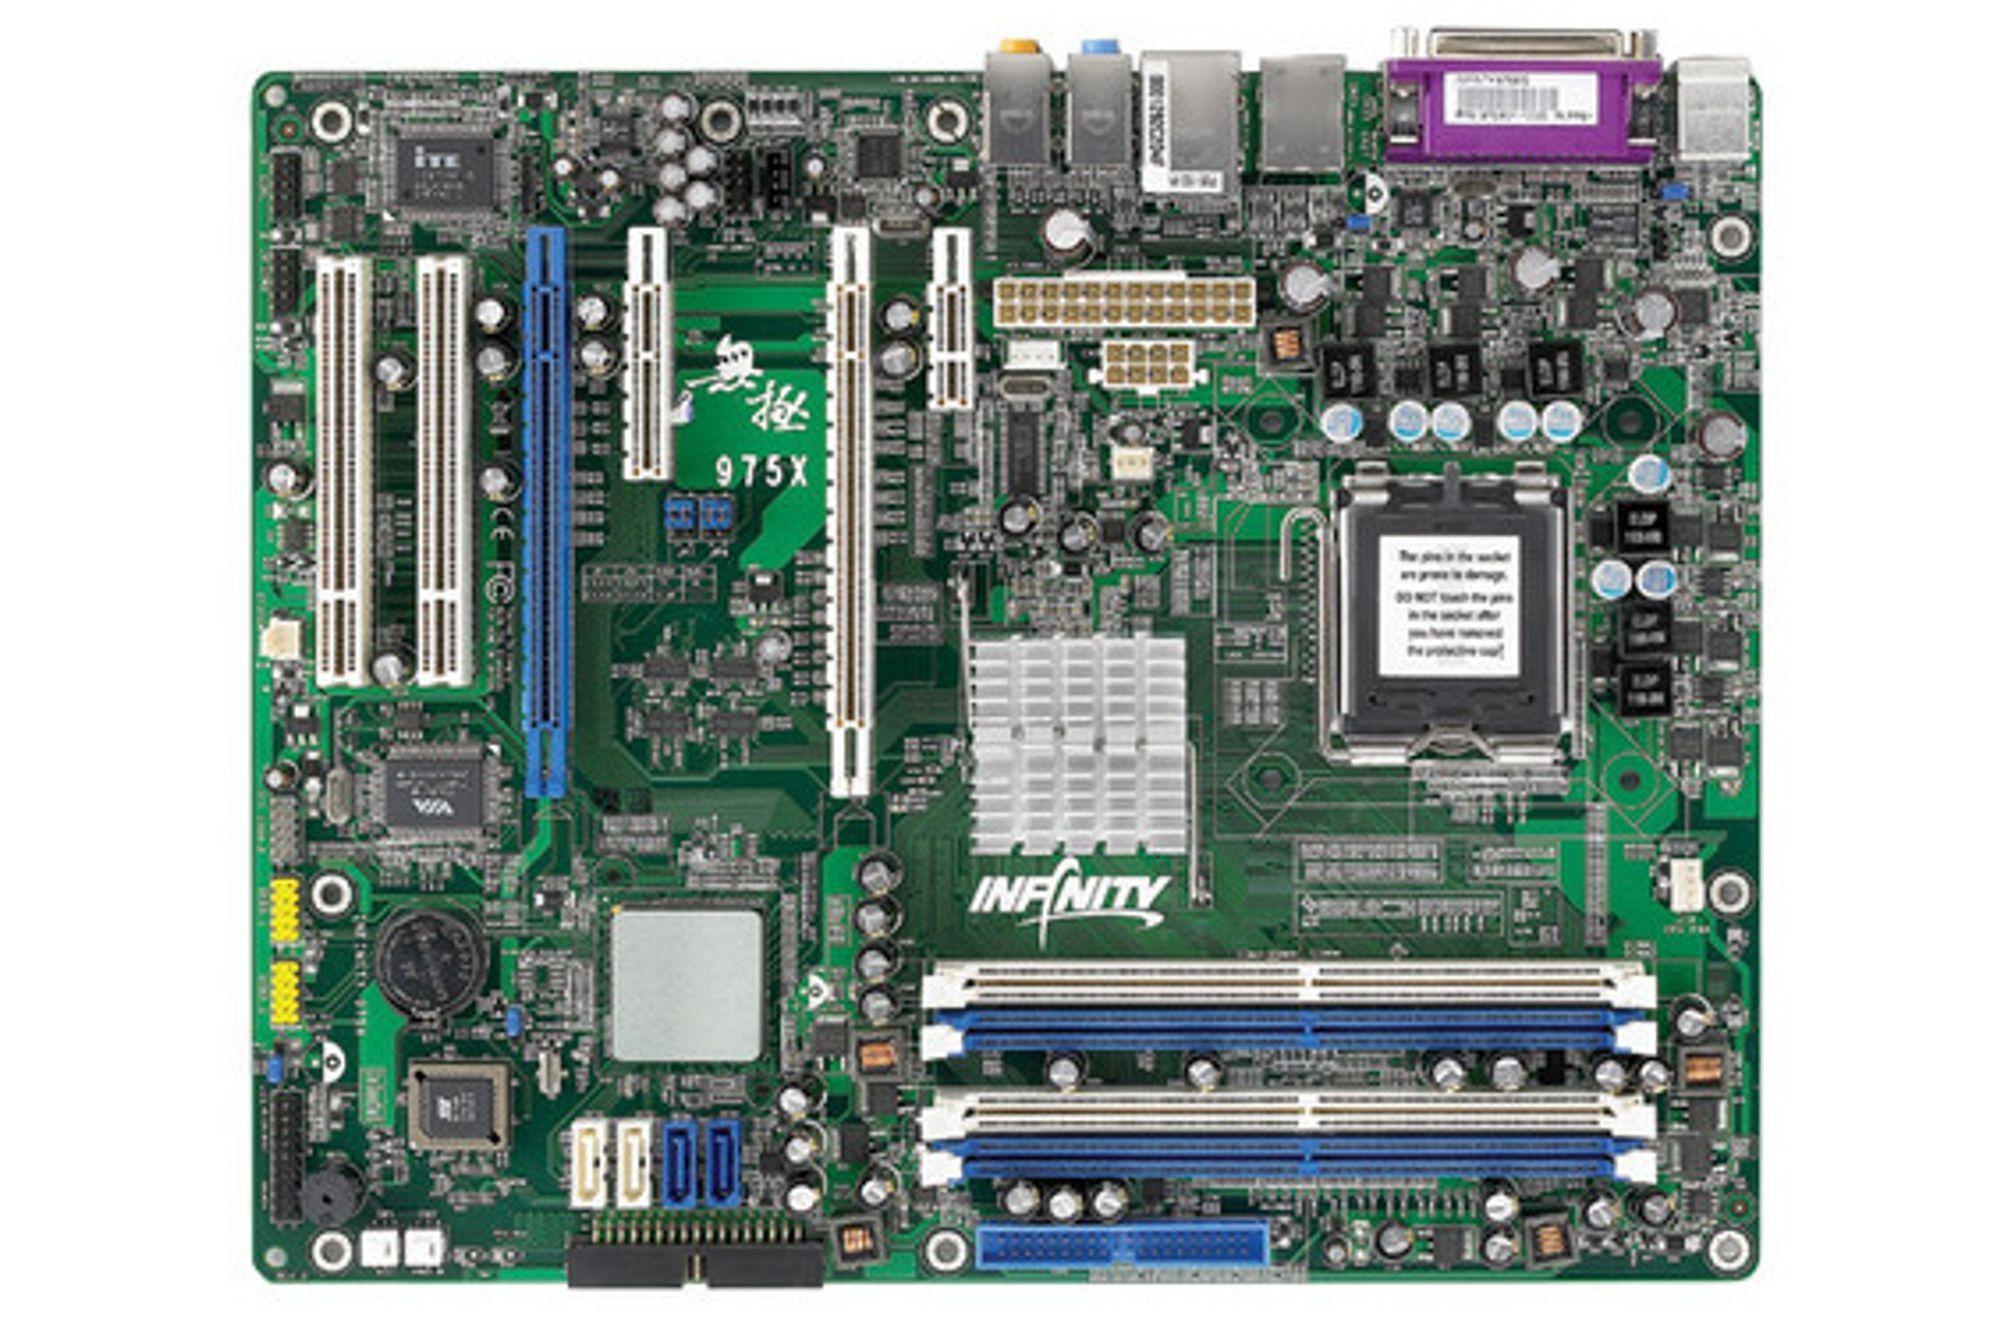 DFI INFINITY 975X/G støtter Core 2